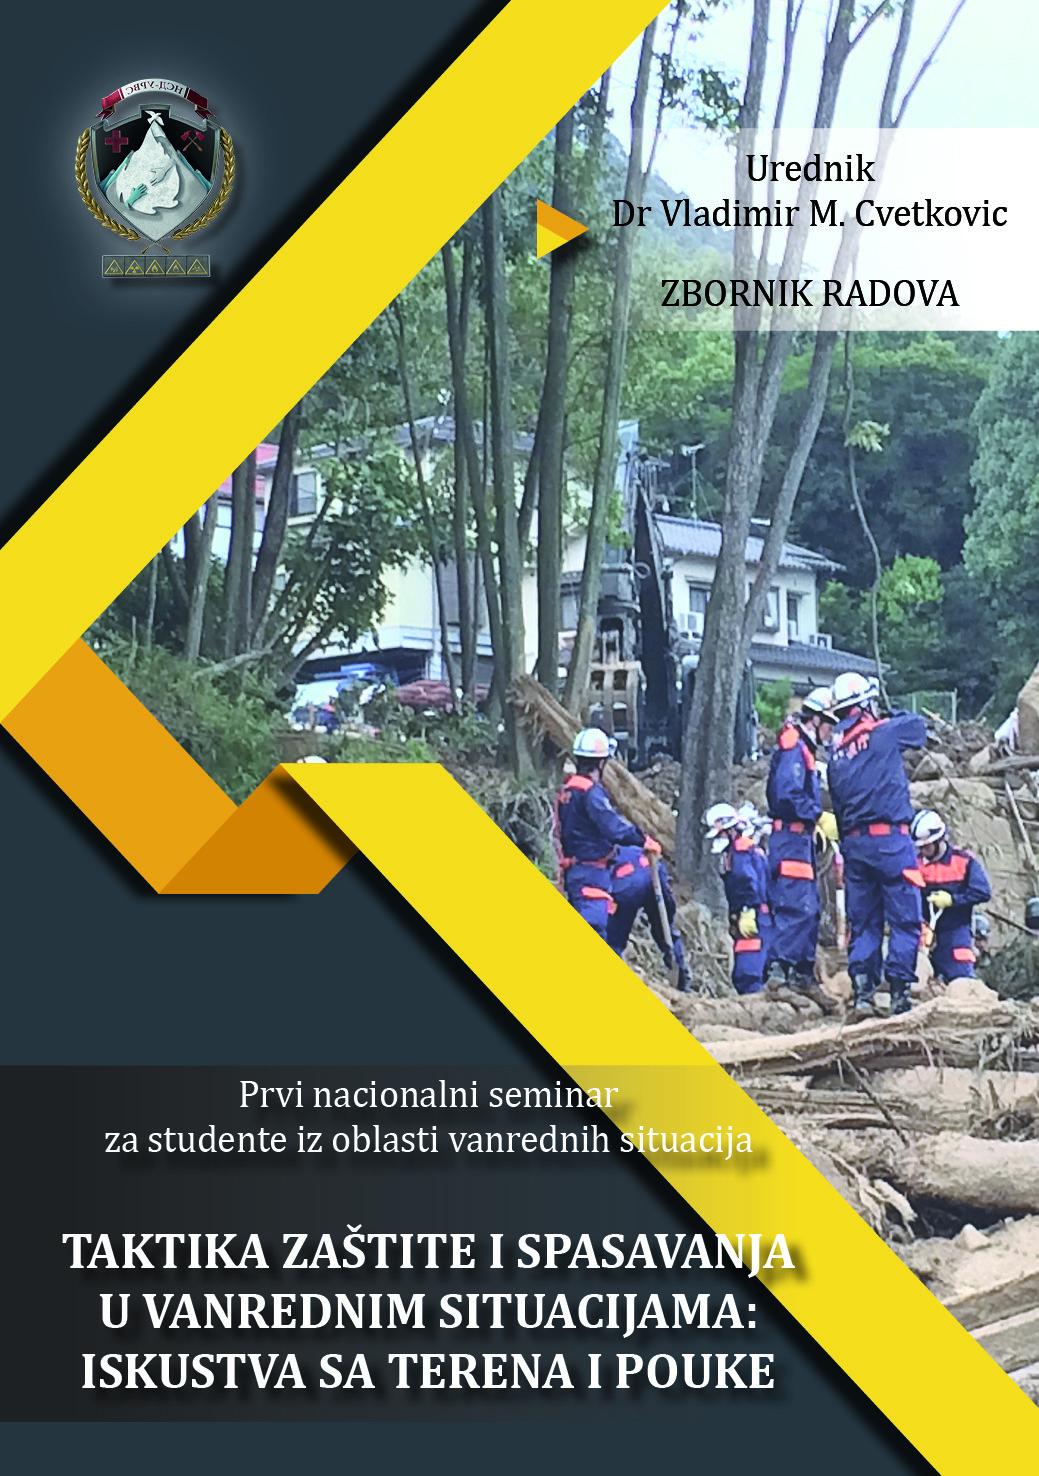 View Vol. 1 No. 1 (2021): Zbornik radova sa prvog nacionalnog seminara iz oblasti vanrednih situacija